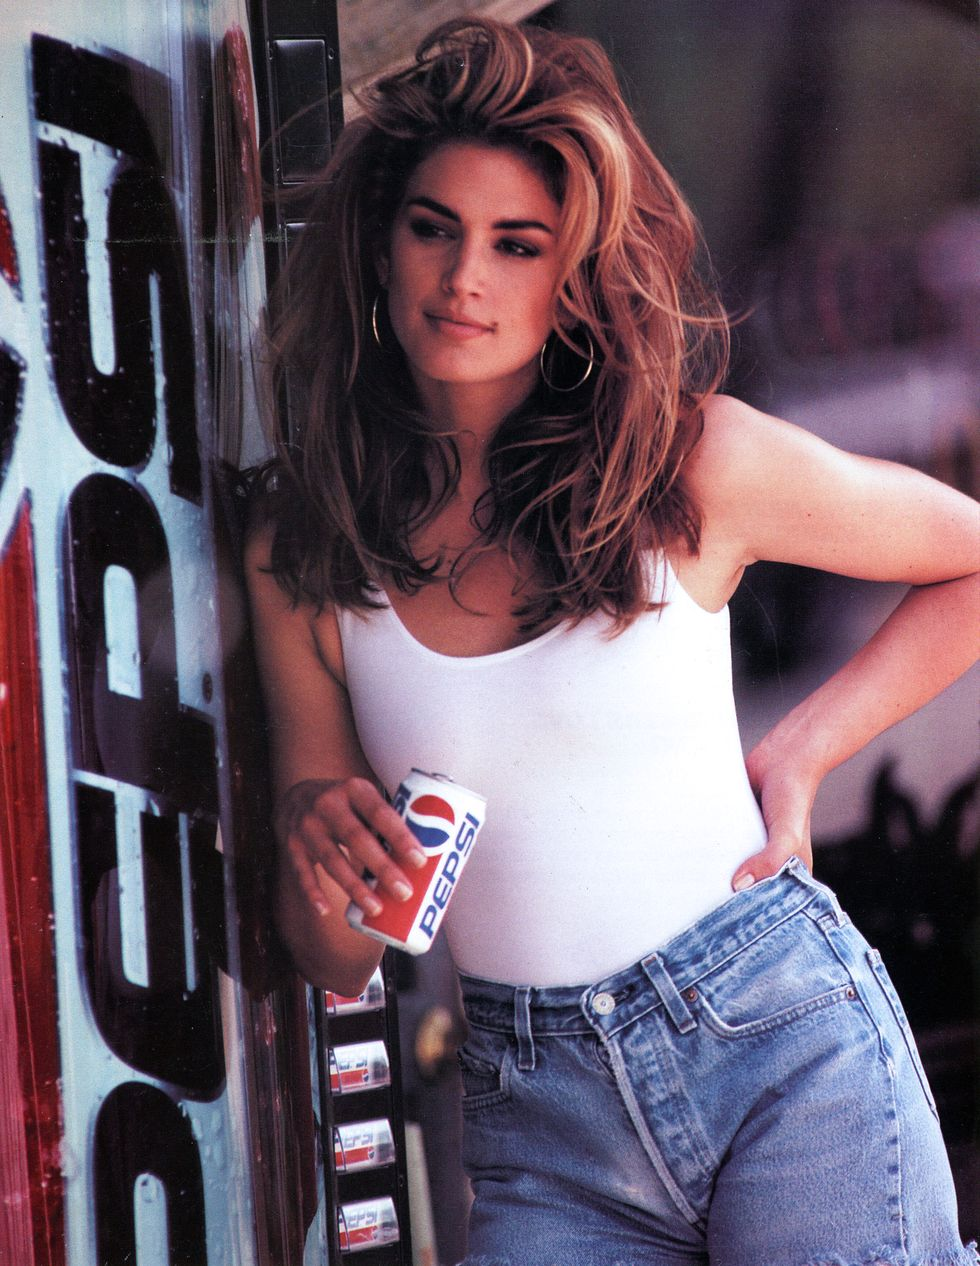 Năm 1992, Cindy Crawford, 1992 Siêu mẫu tạo dáng trong trang phục denim lưng cao ôm sát hông bên ngoài bộ bodysuit trắng trong quảng cáo Pepsi Super Bowl mang tính biểu tượng này.